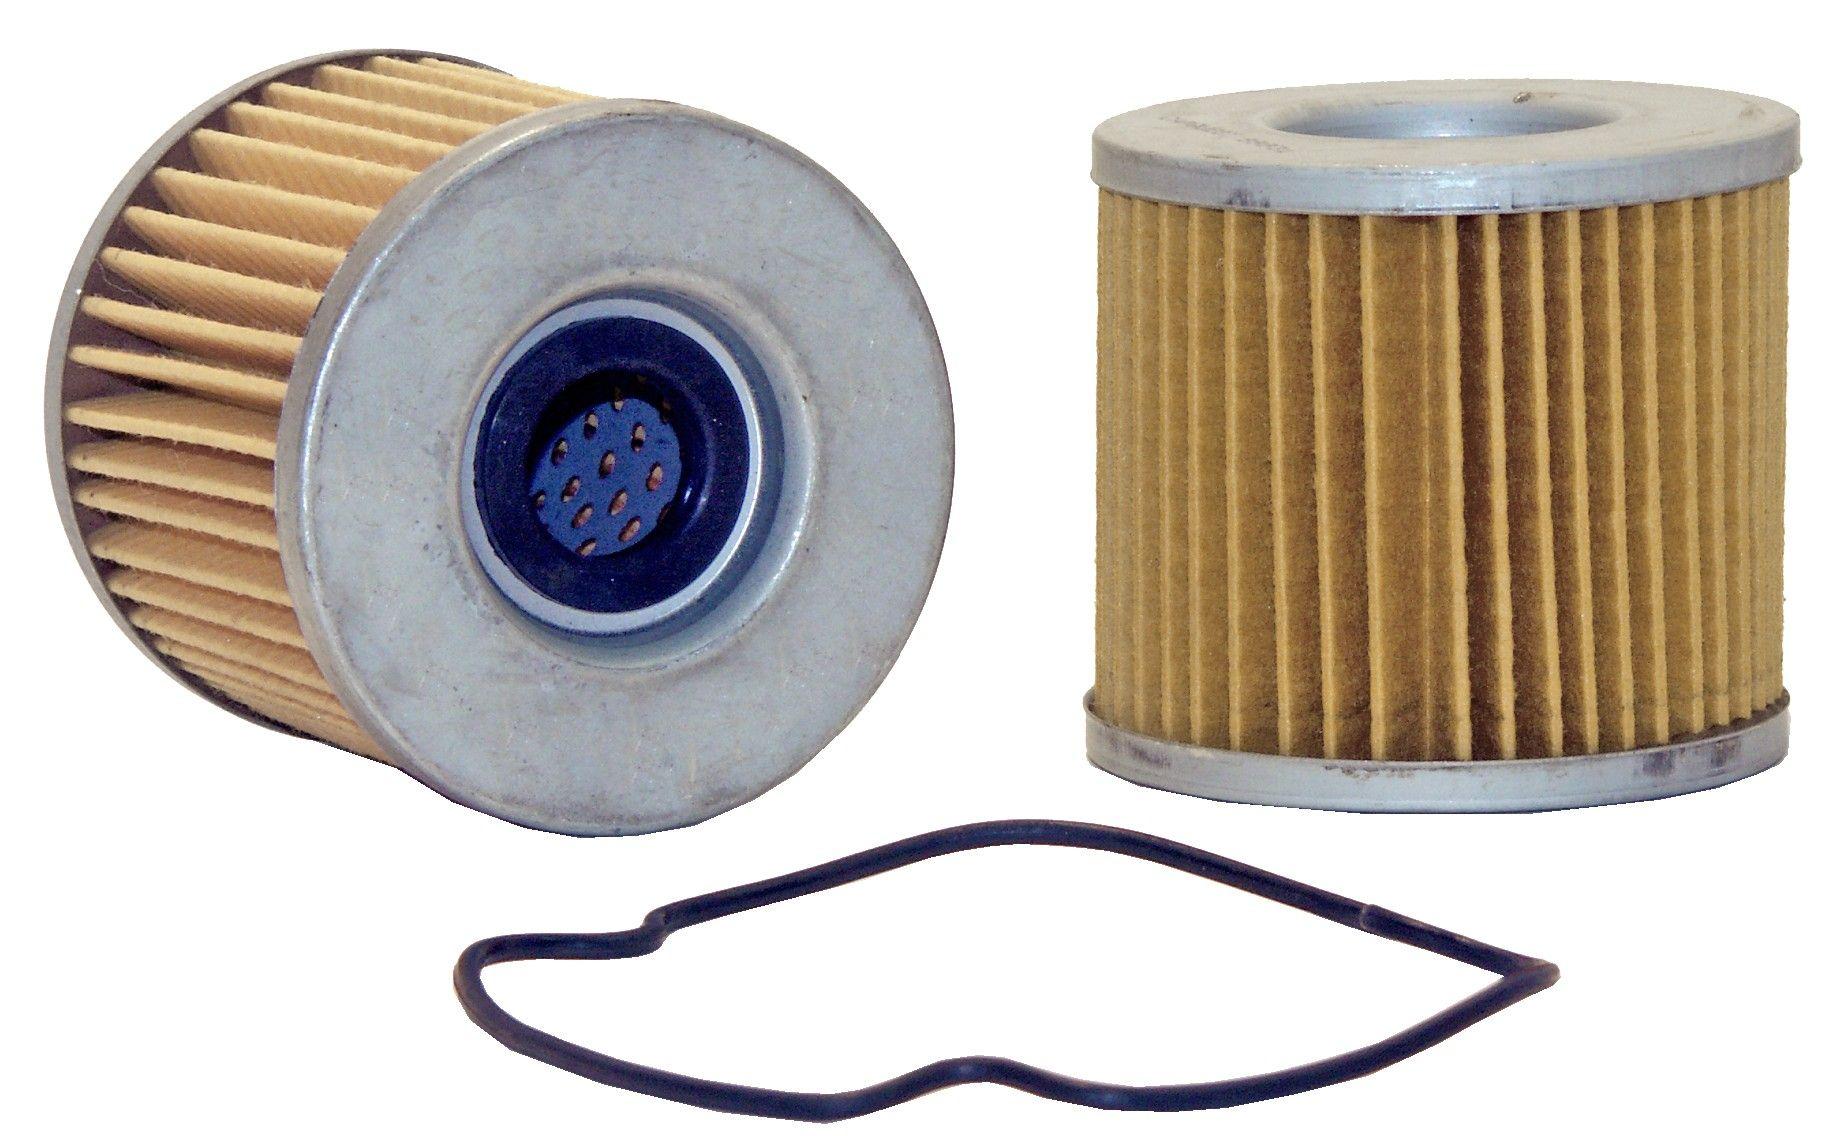 Suzuki GS550 Engine Oil Filter Replacement (Wix) » Go-Parts